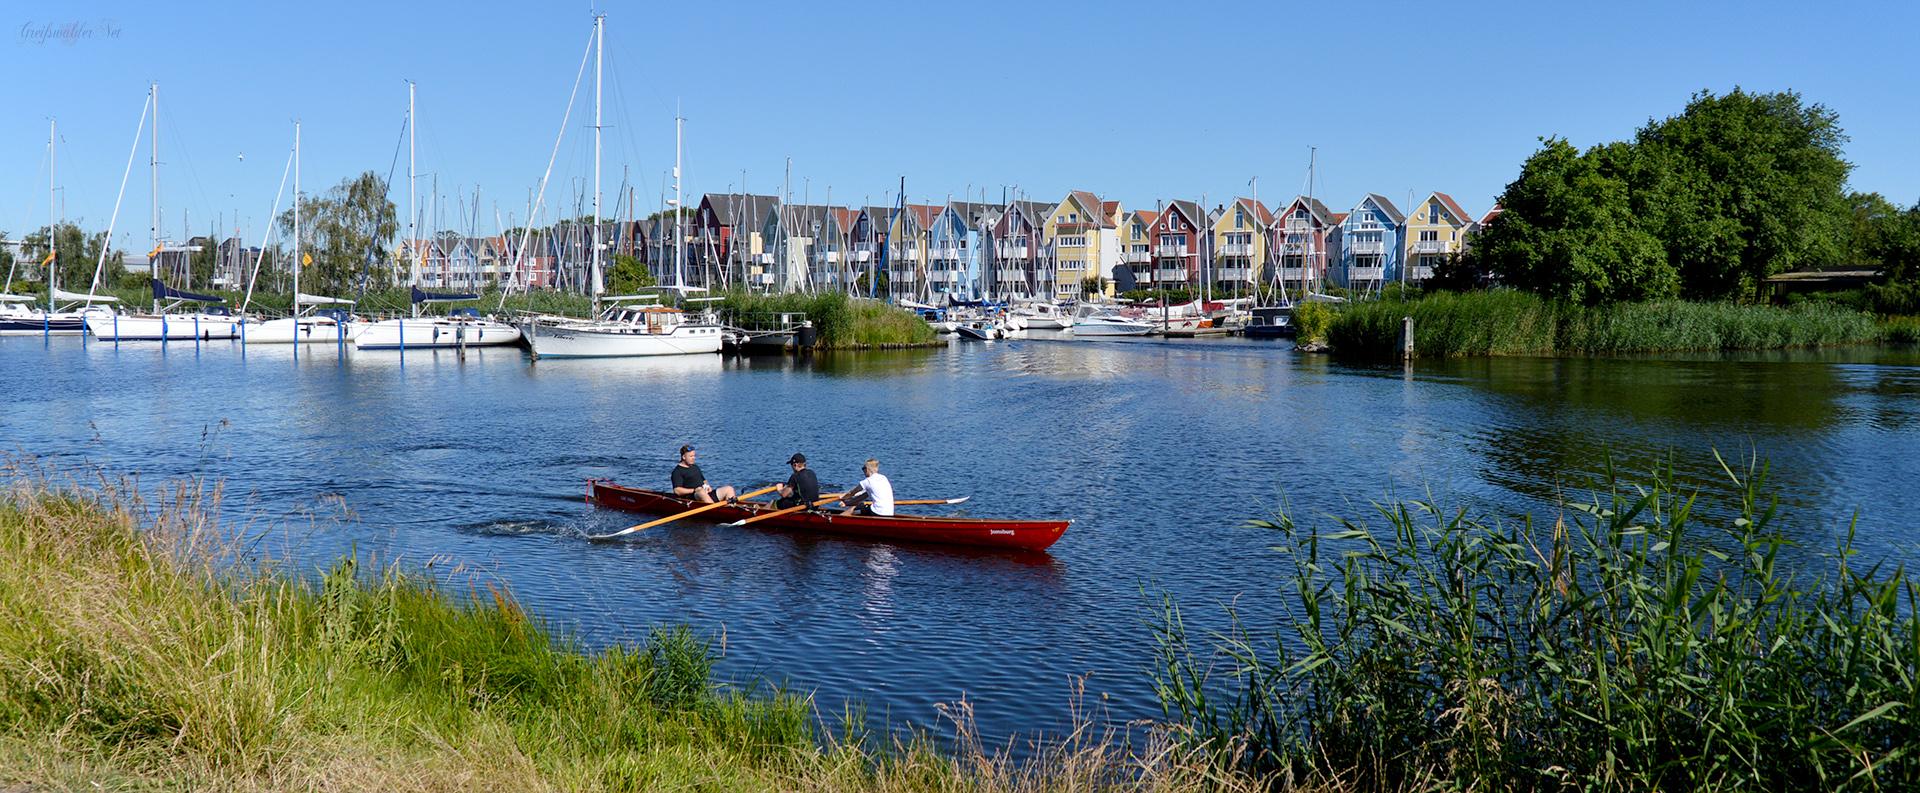 Wassersportler auf dem Ryck in Greifswald